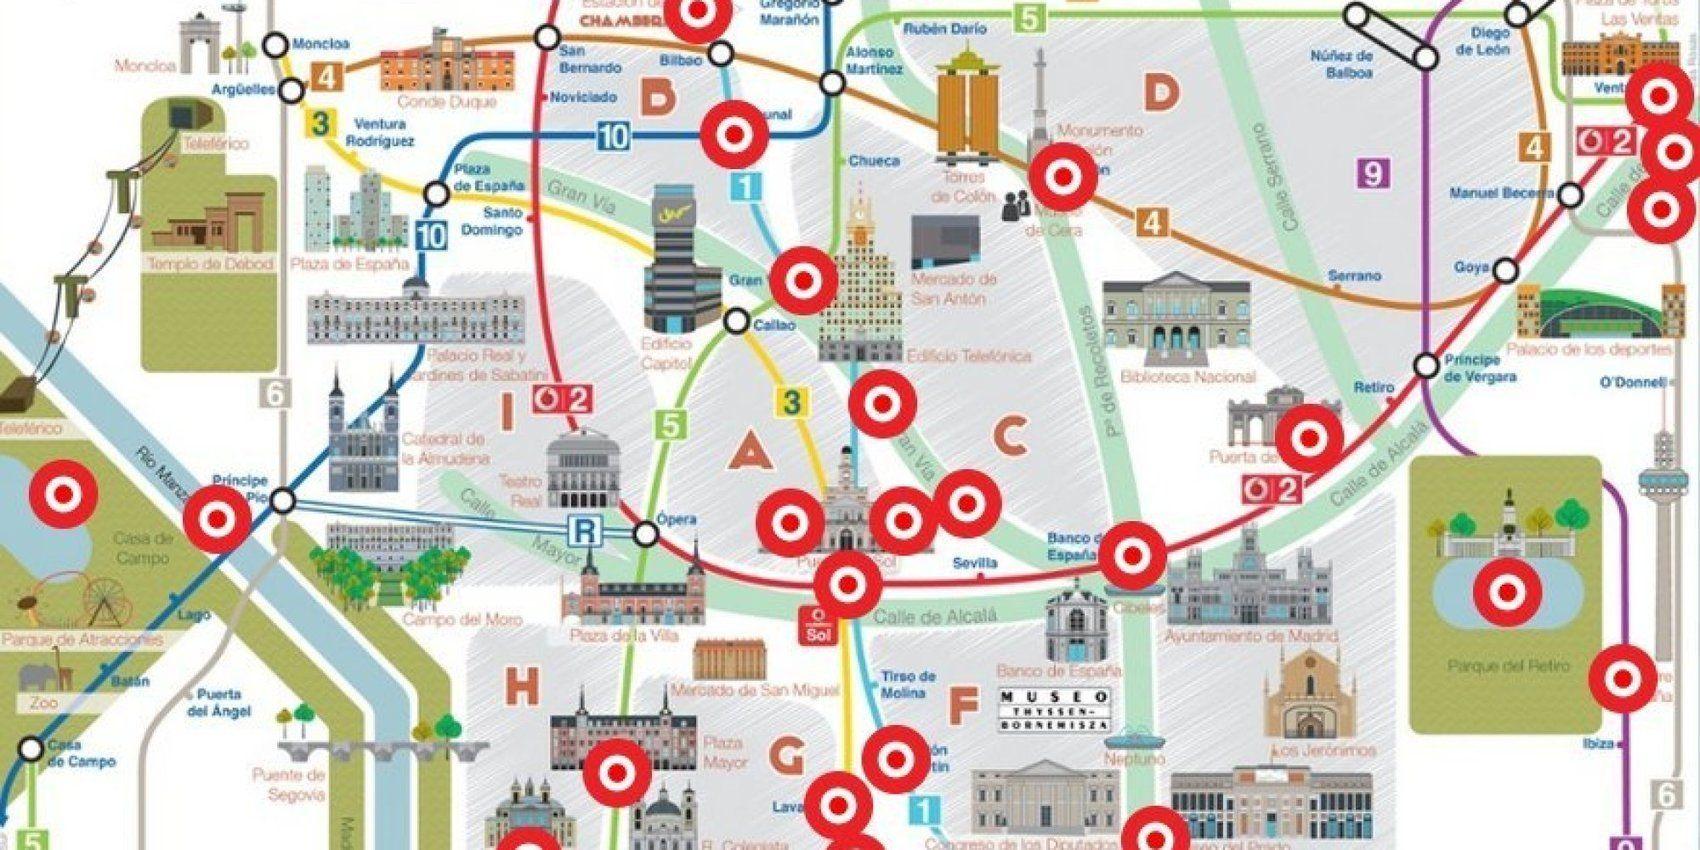 Madrid A Través De Las Canciones Que Mencionan Sus Rincones Mapa Interactivo Ele Mapa Interactivo Canciones Mapas